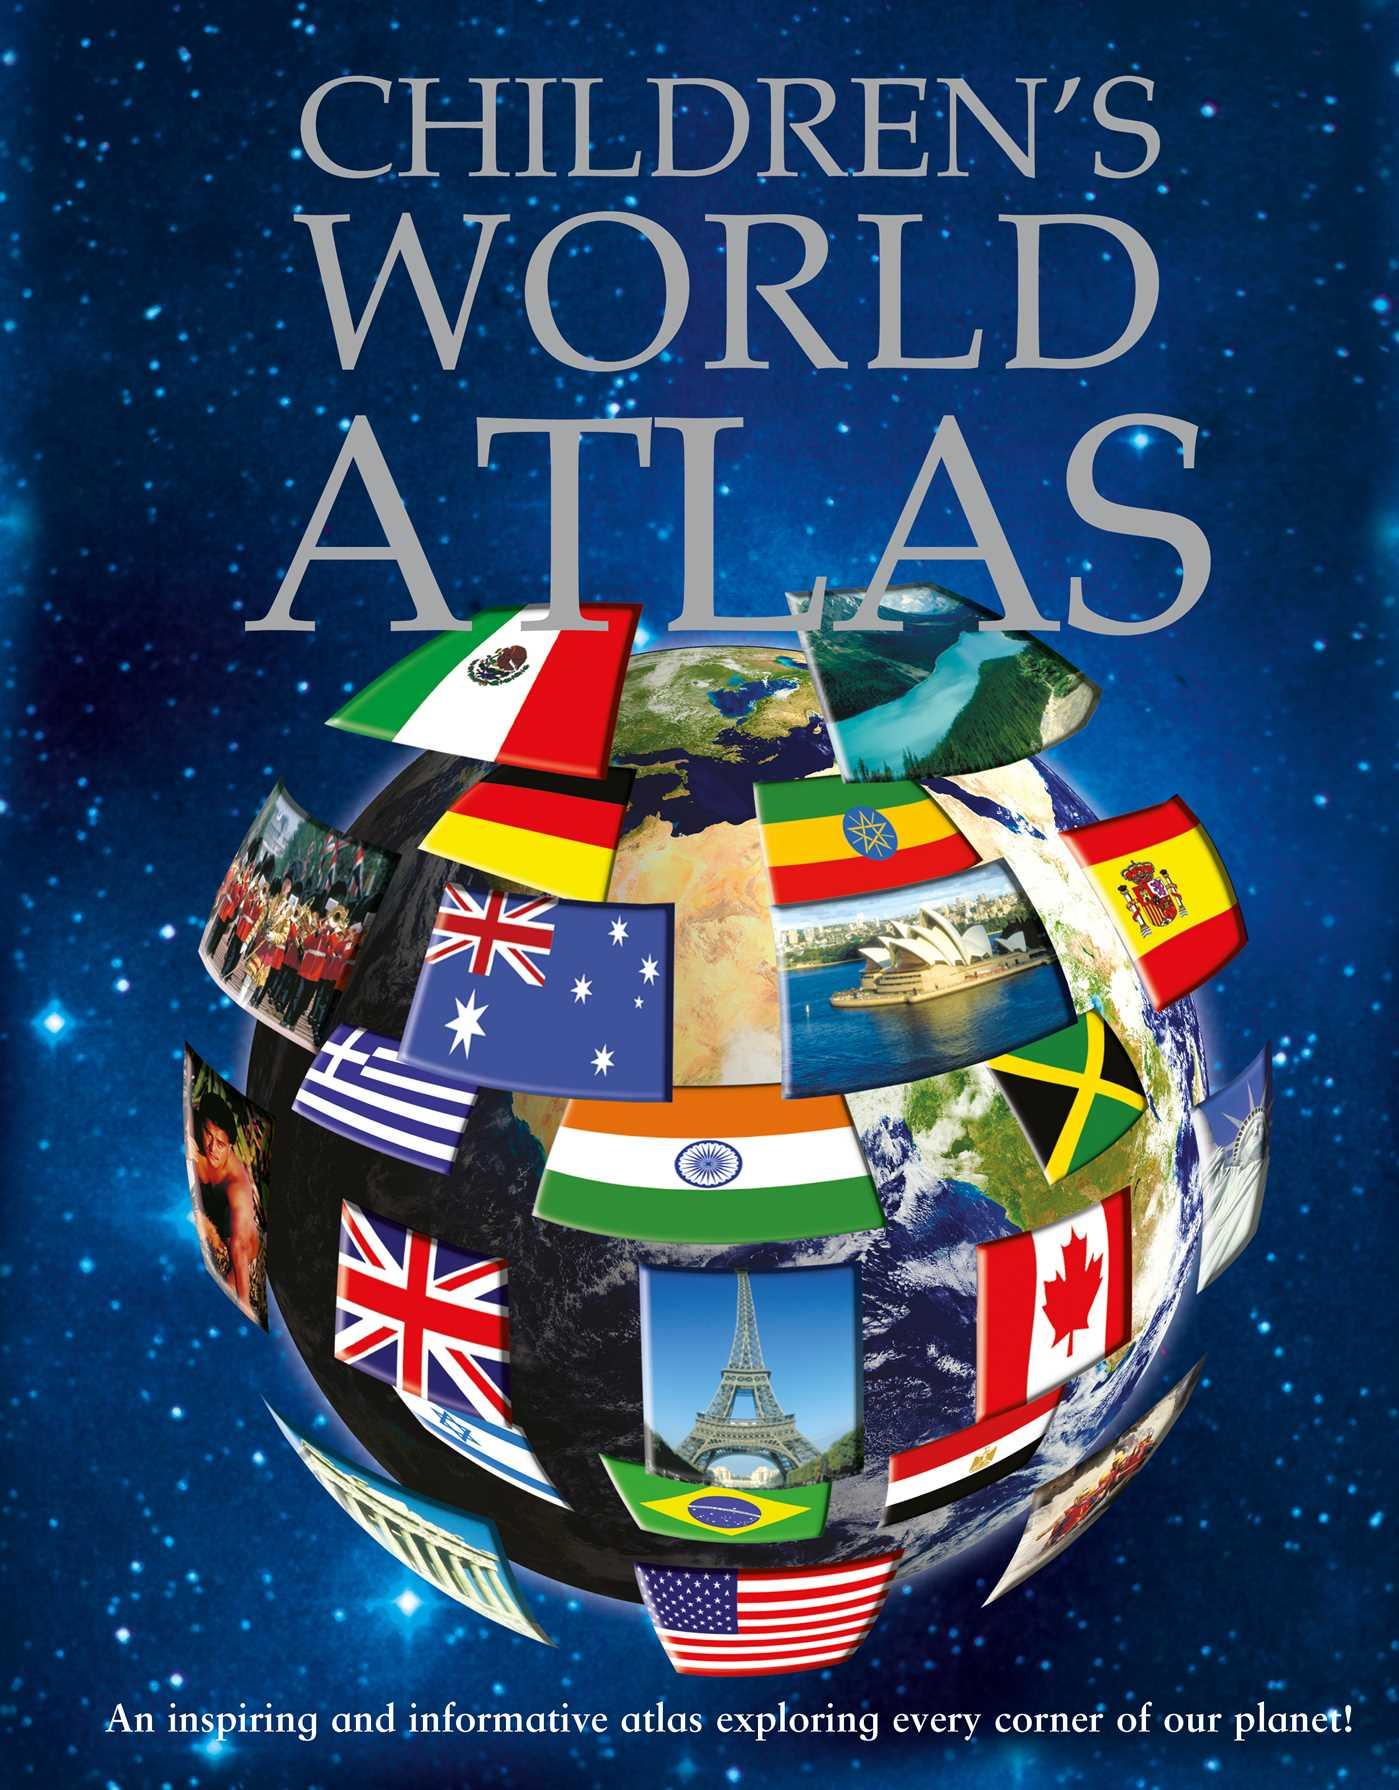 Book Cover Image (jpg): Children's World Atlas